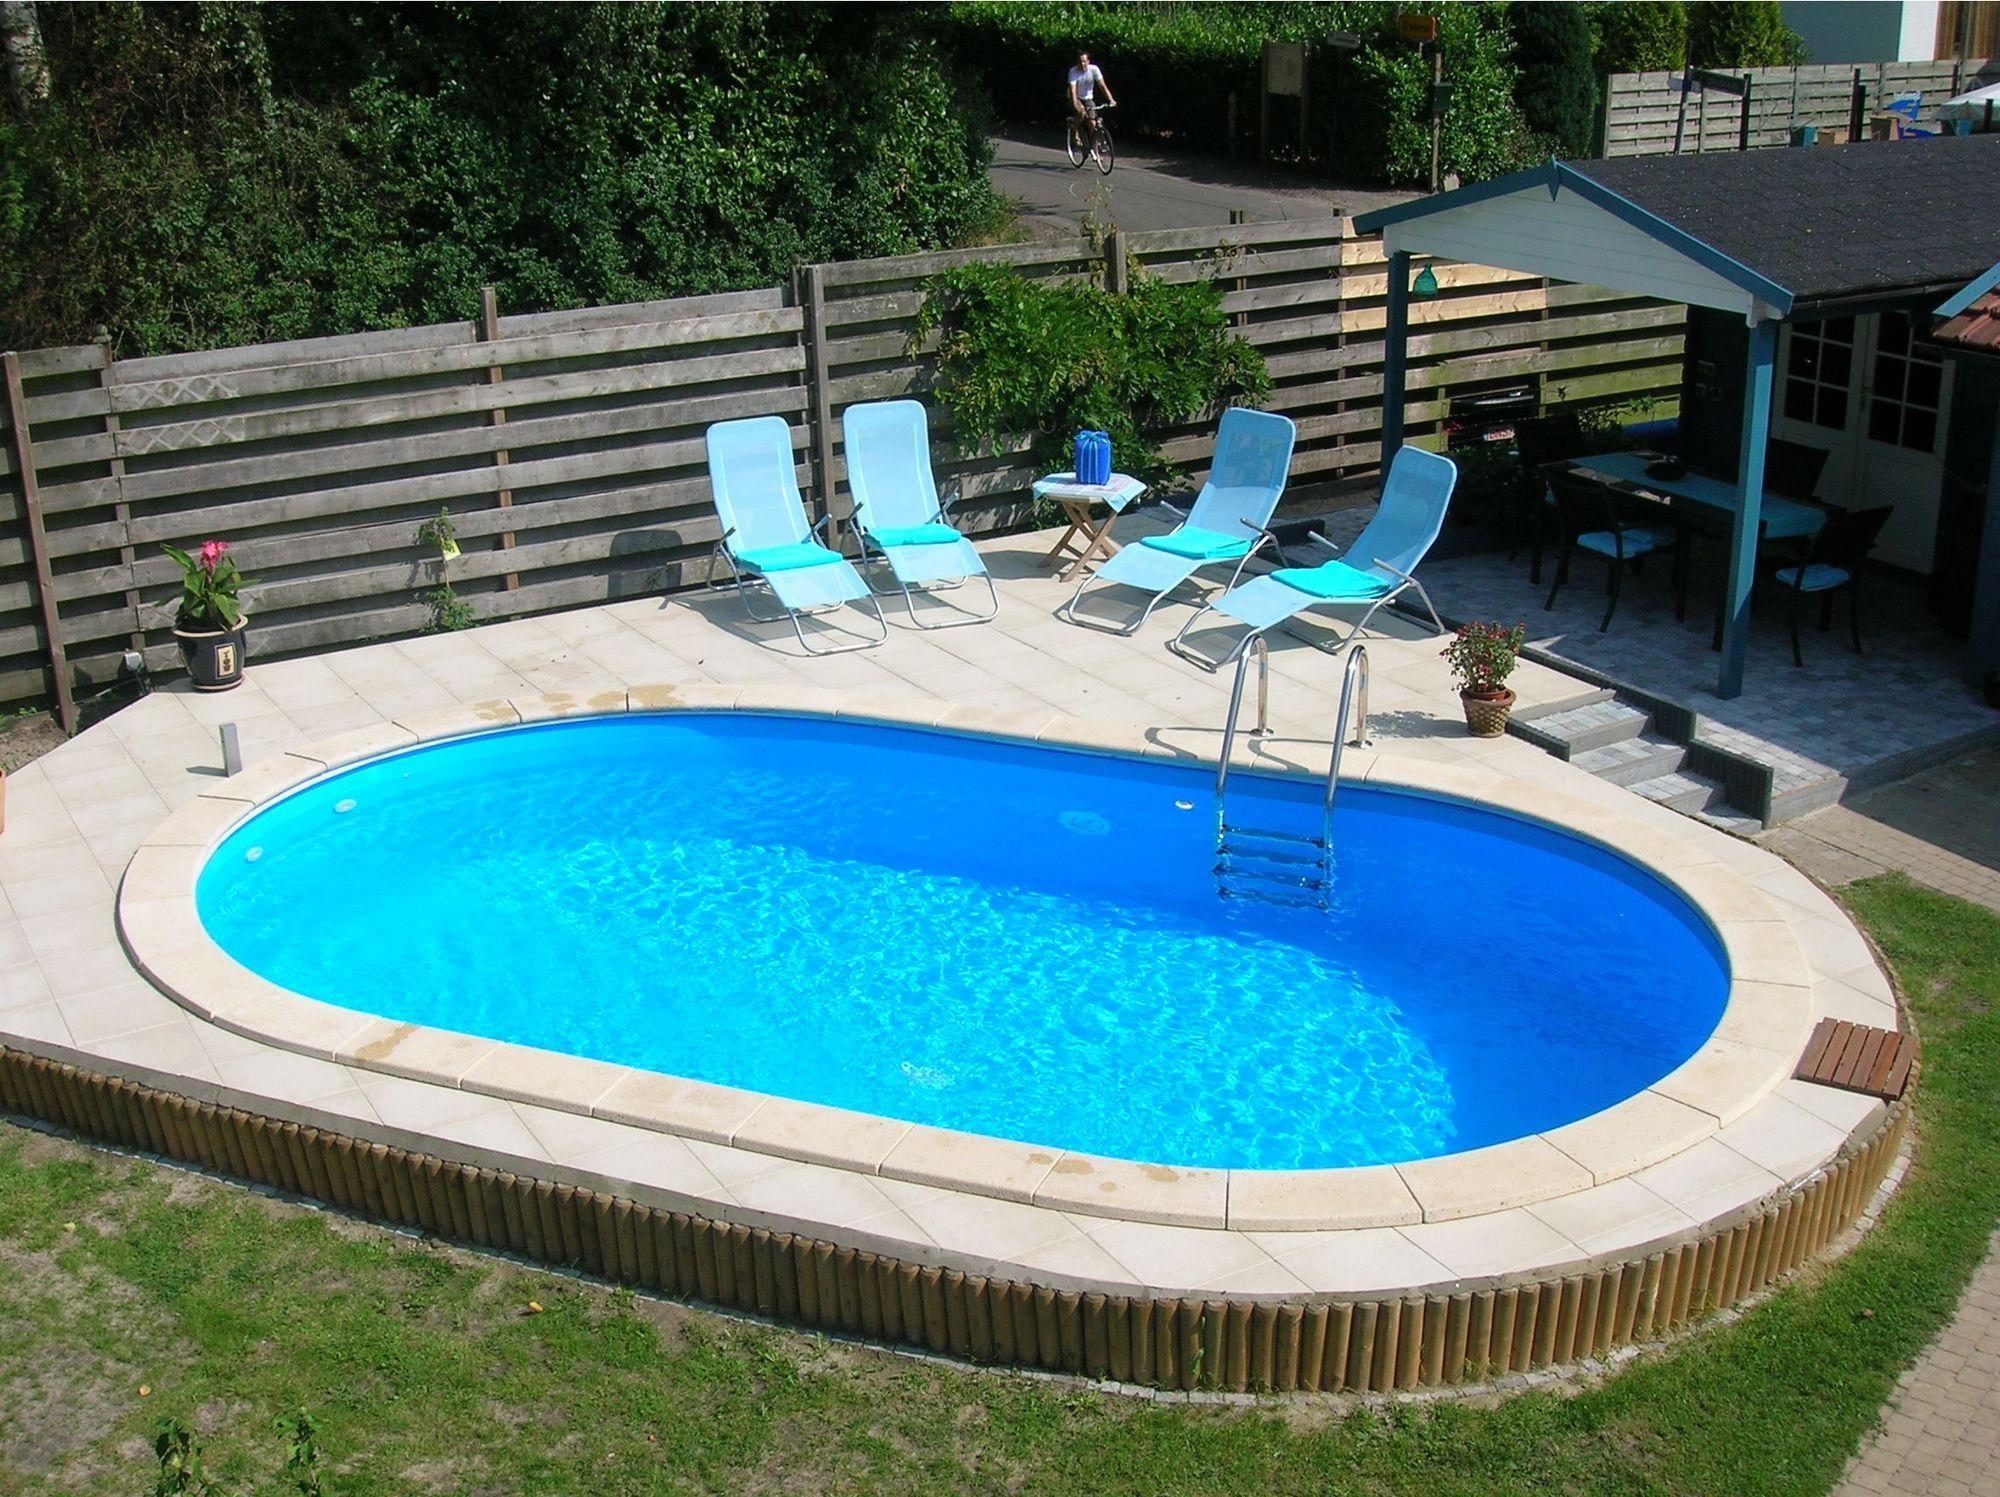 Afbeelding van Happy Pool Ovaal Metalen Zwembad 1228 x 600 cm (hoogte 135cm)